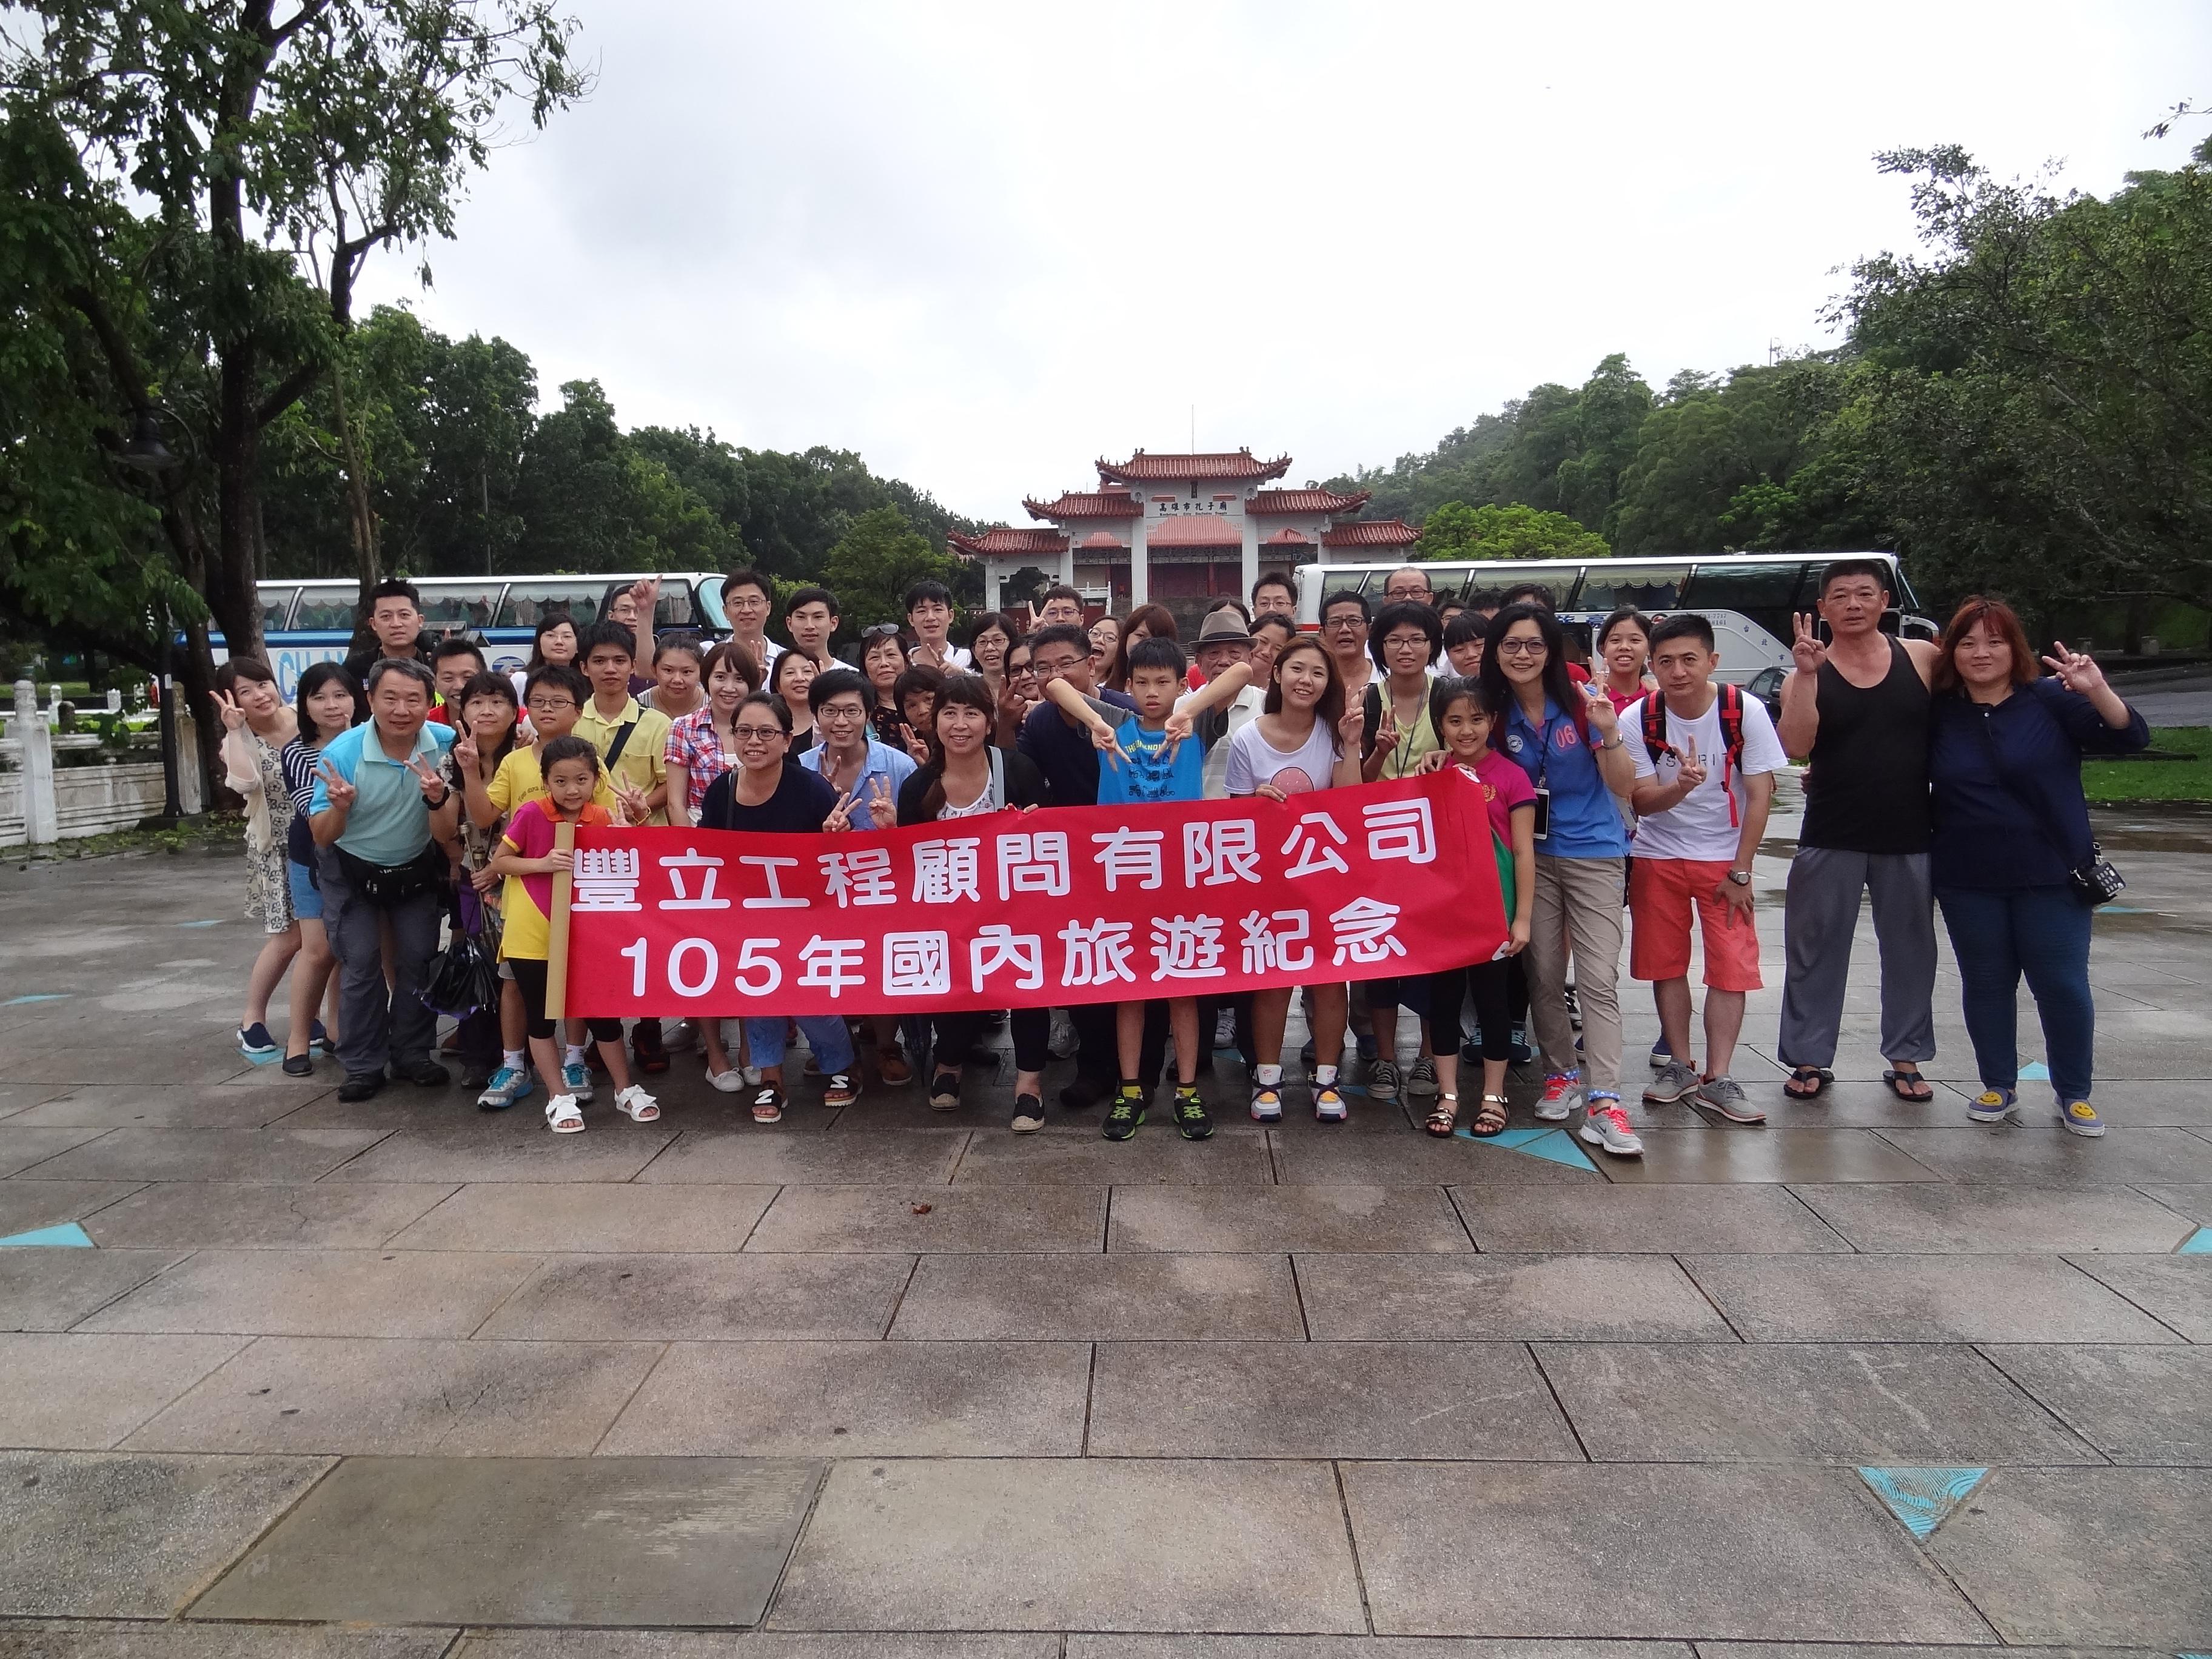 員工旅遊(國內) – 豐立工程顧問有限公司